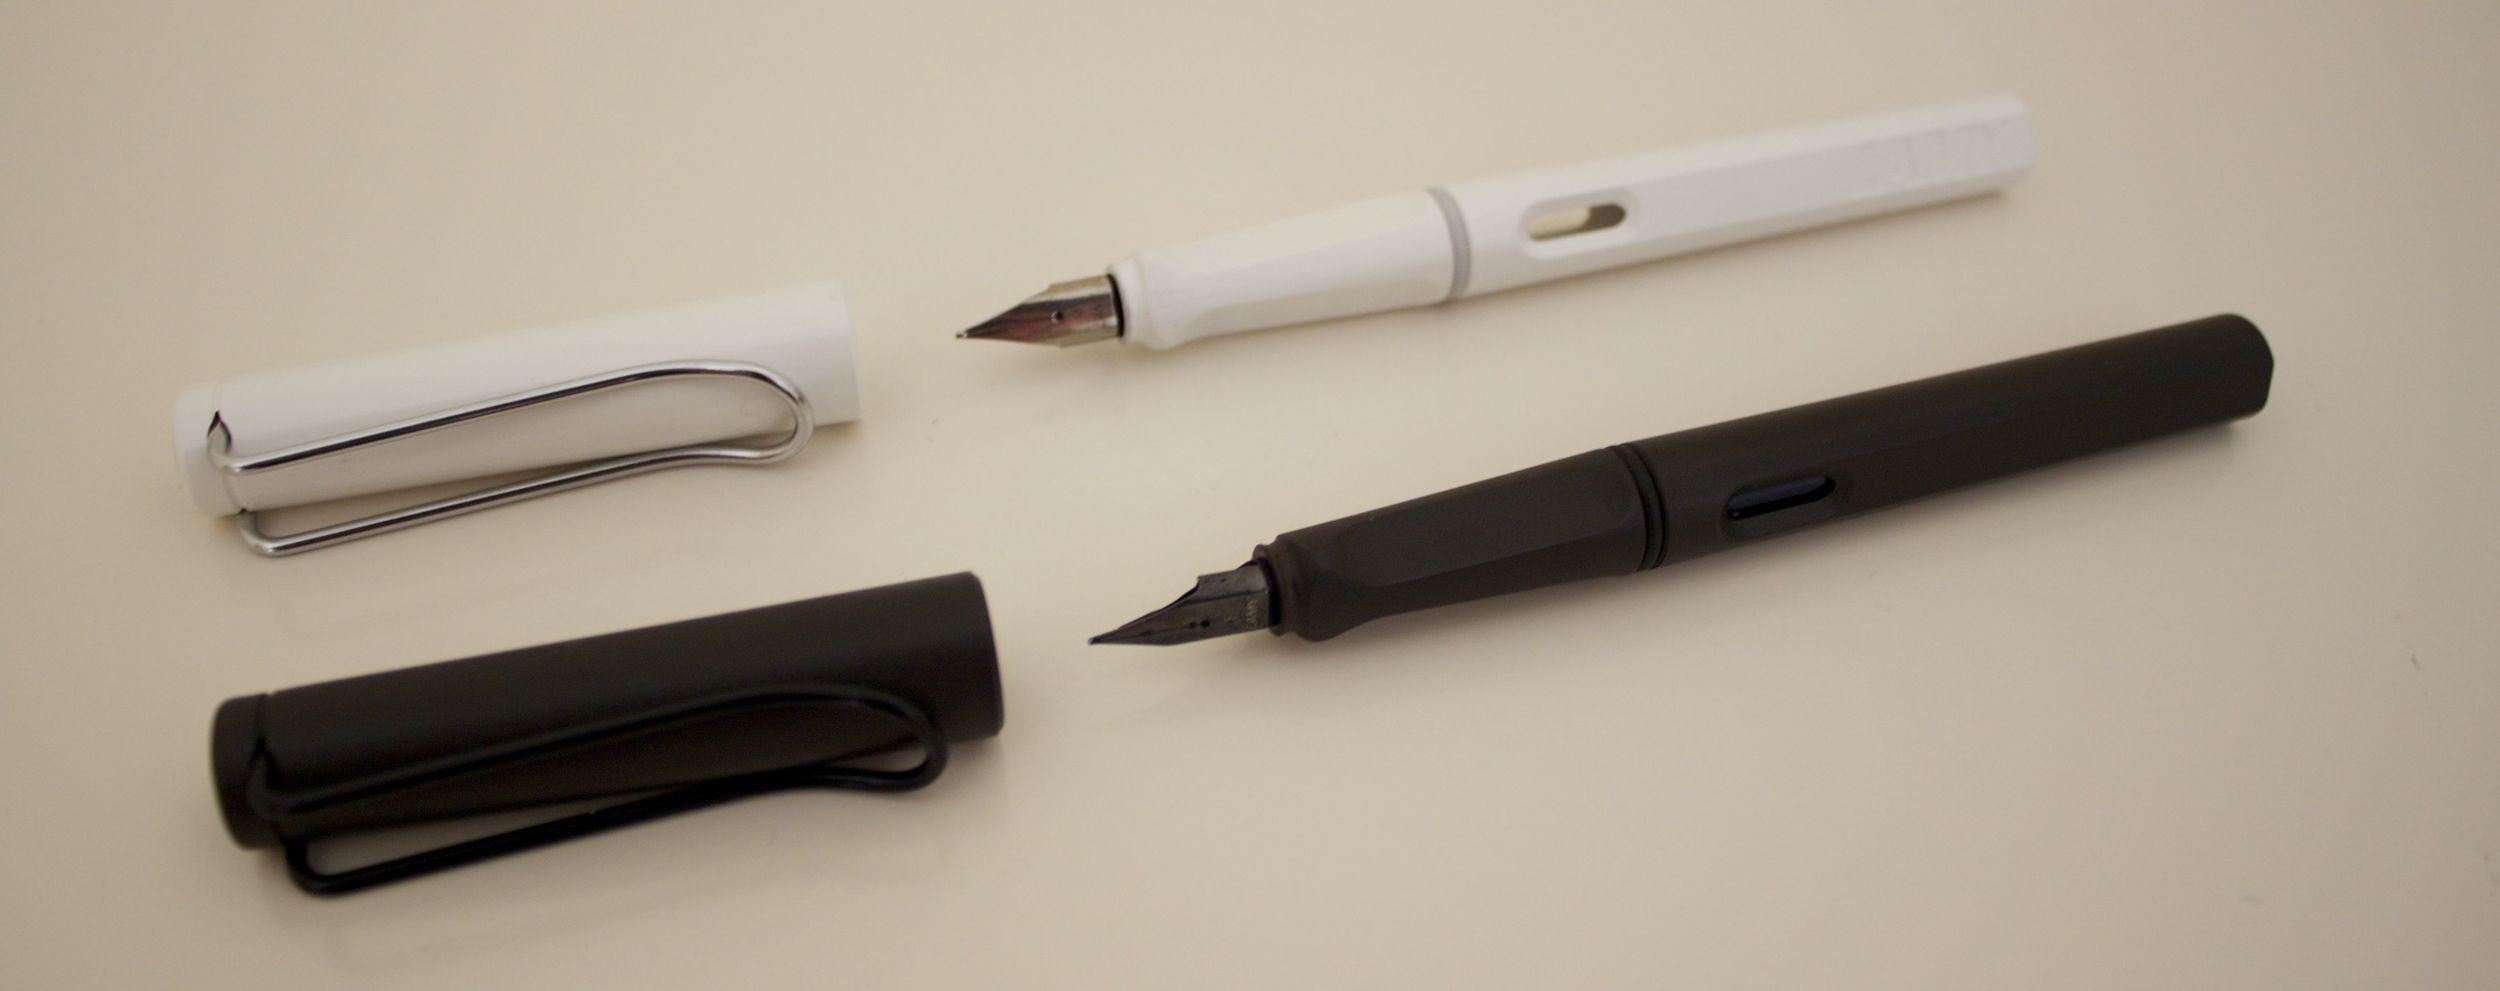 Lamy Safari - White - medium nib, Black - fine nib